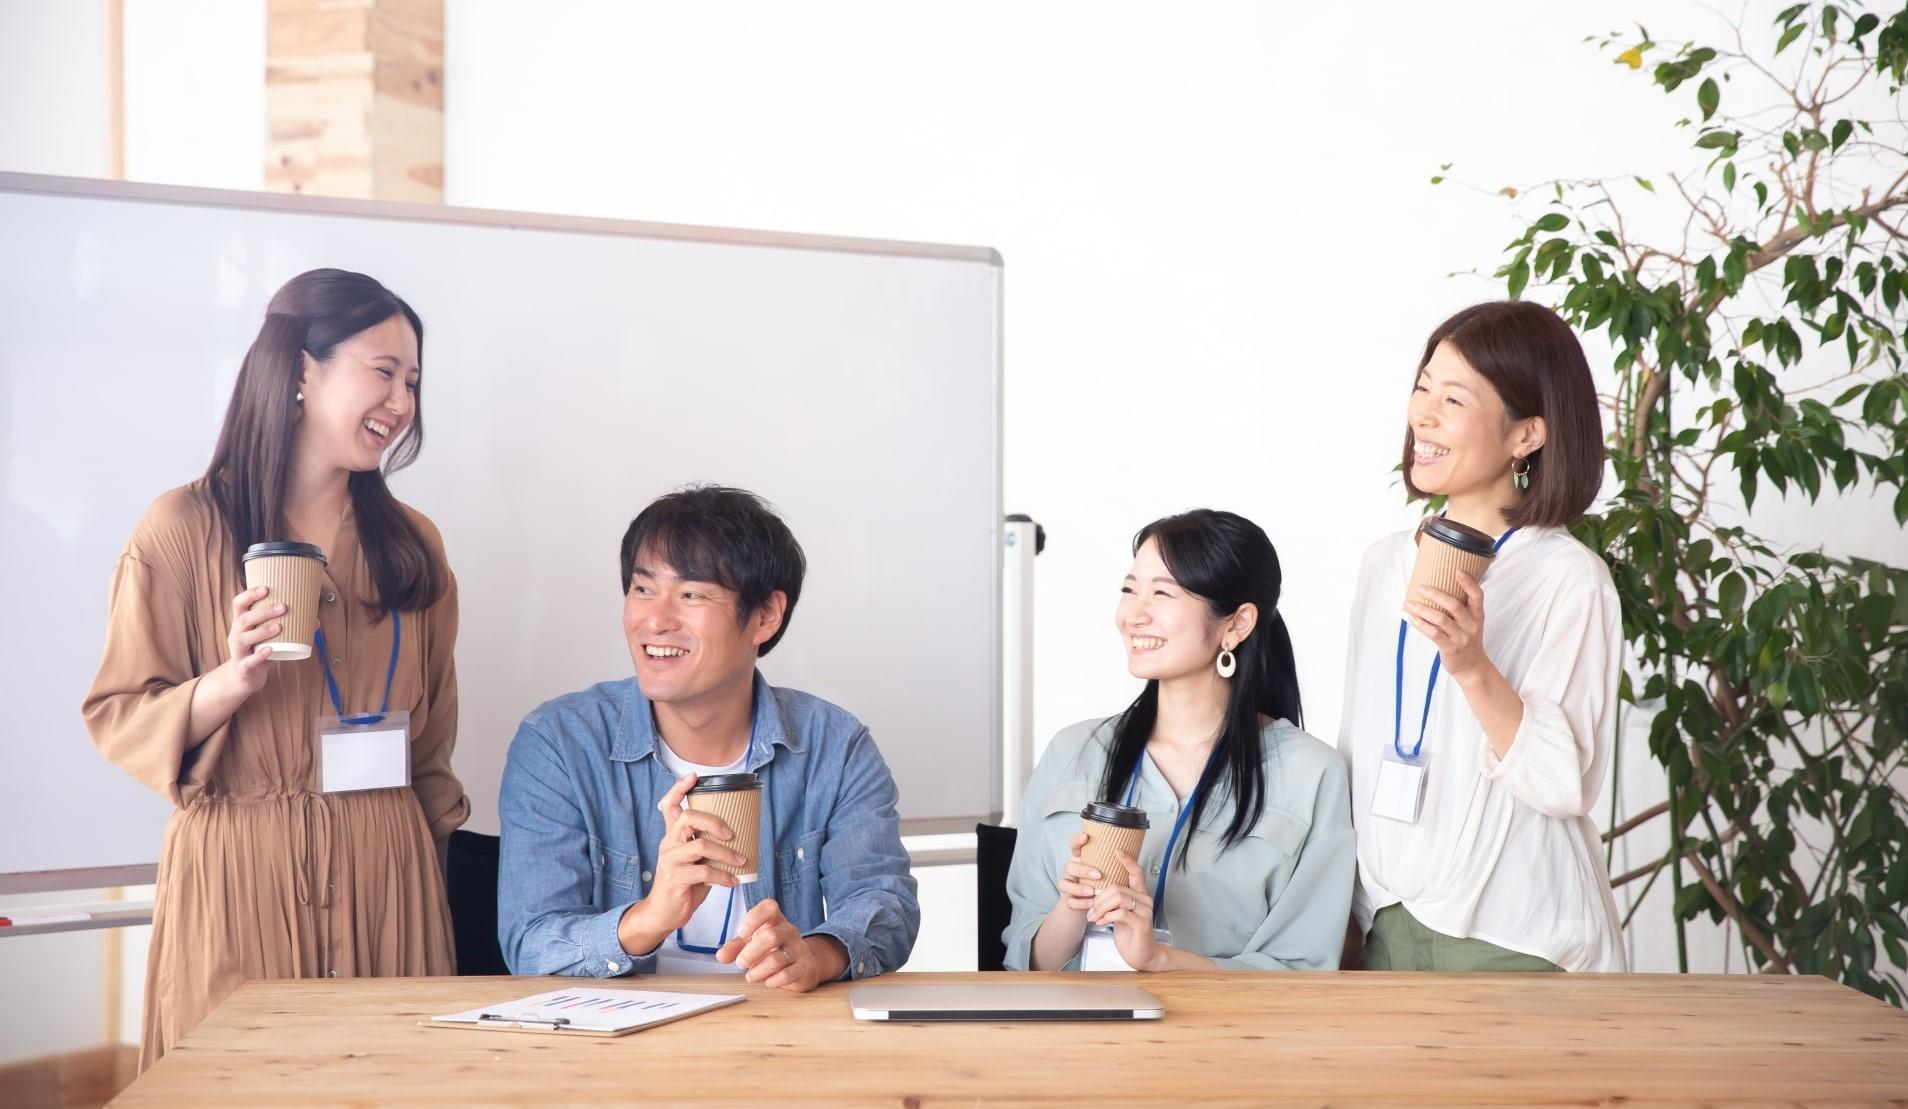 コミュ力 コミュニケーション能力 コミュニケーションスキル